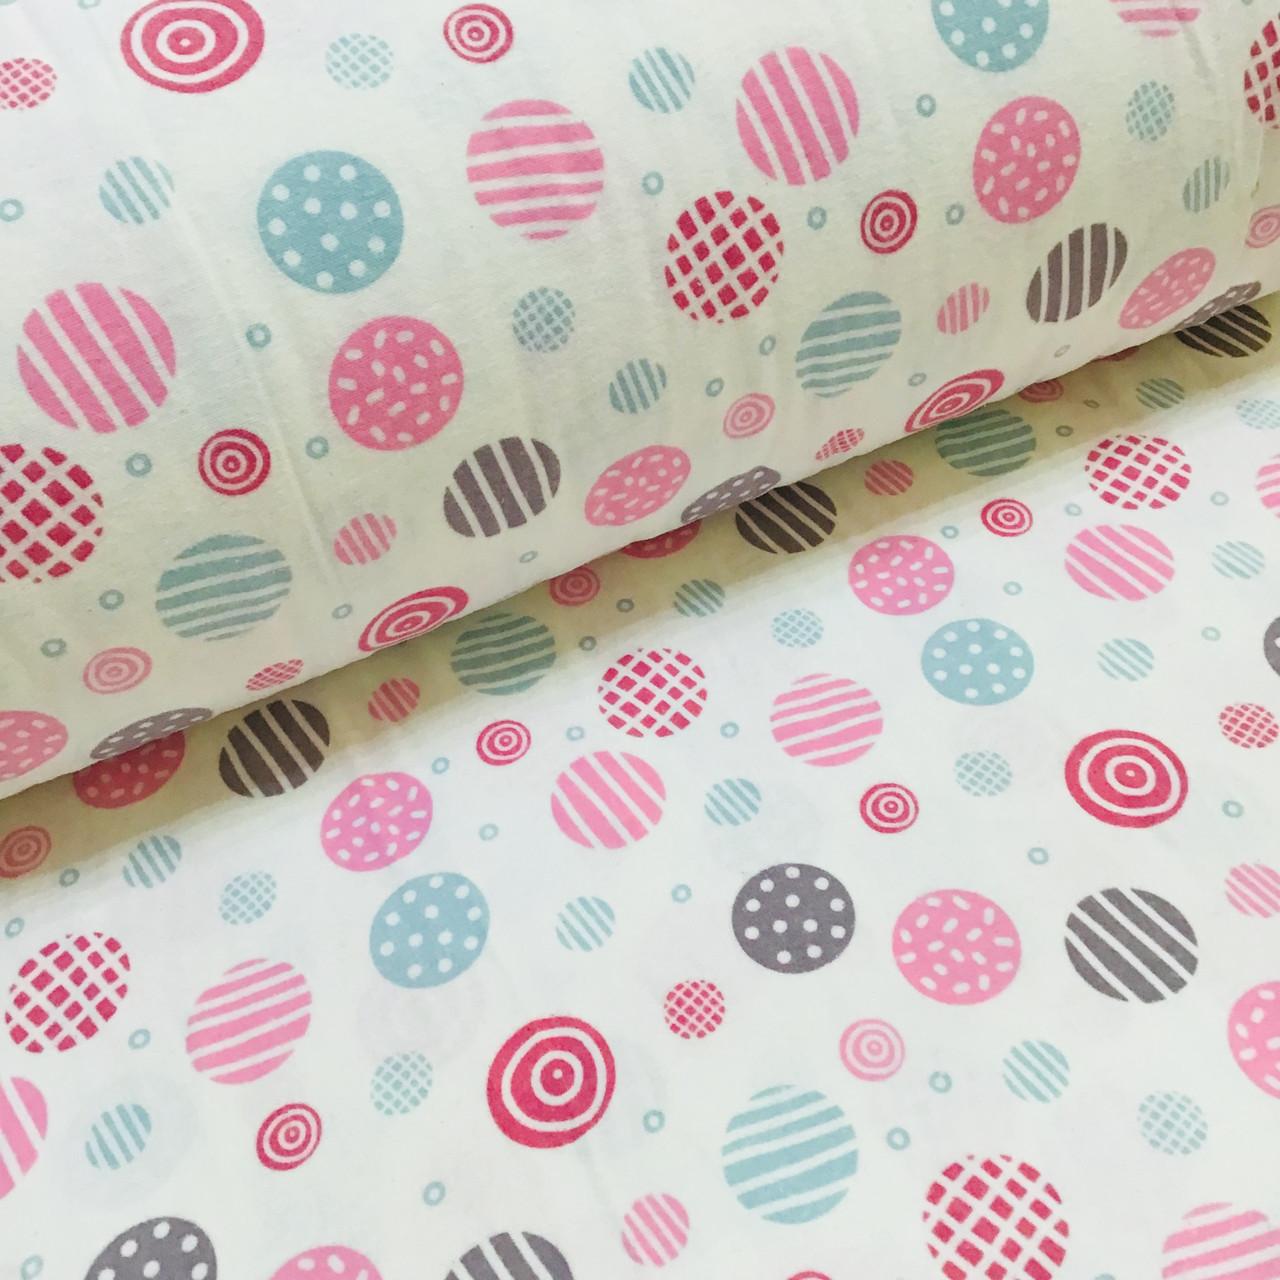 Фланелевая ткань кружочки розовые и голубые на белом (шир. 2,4 м)